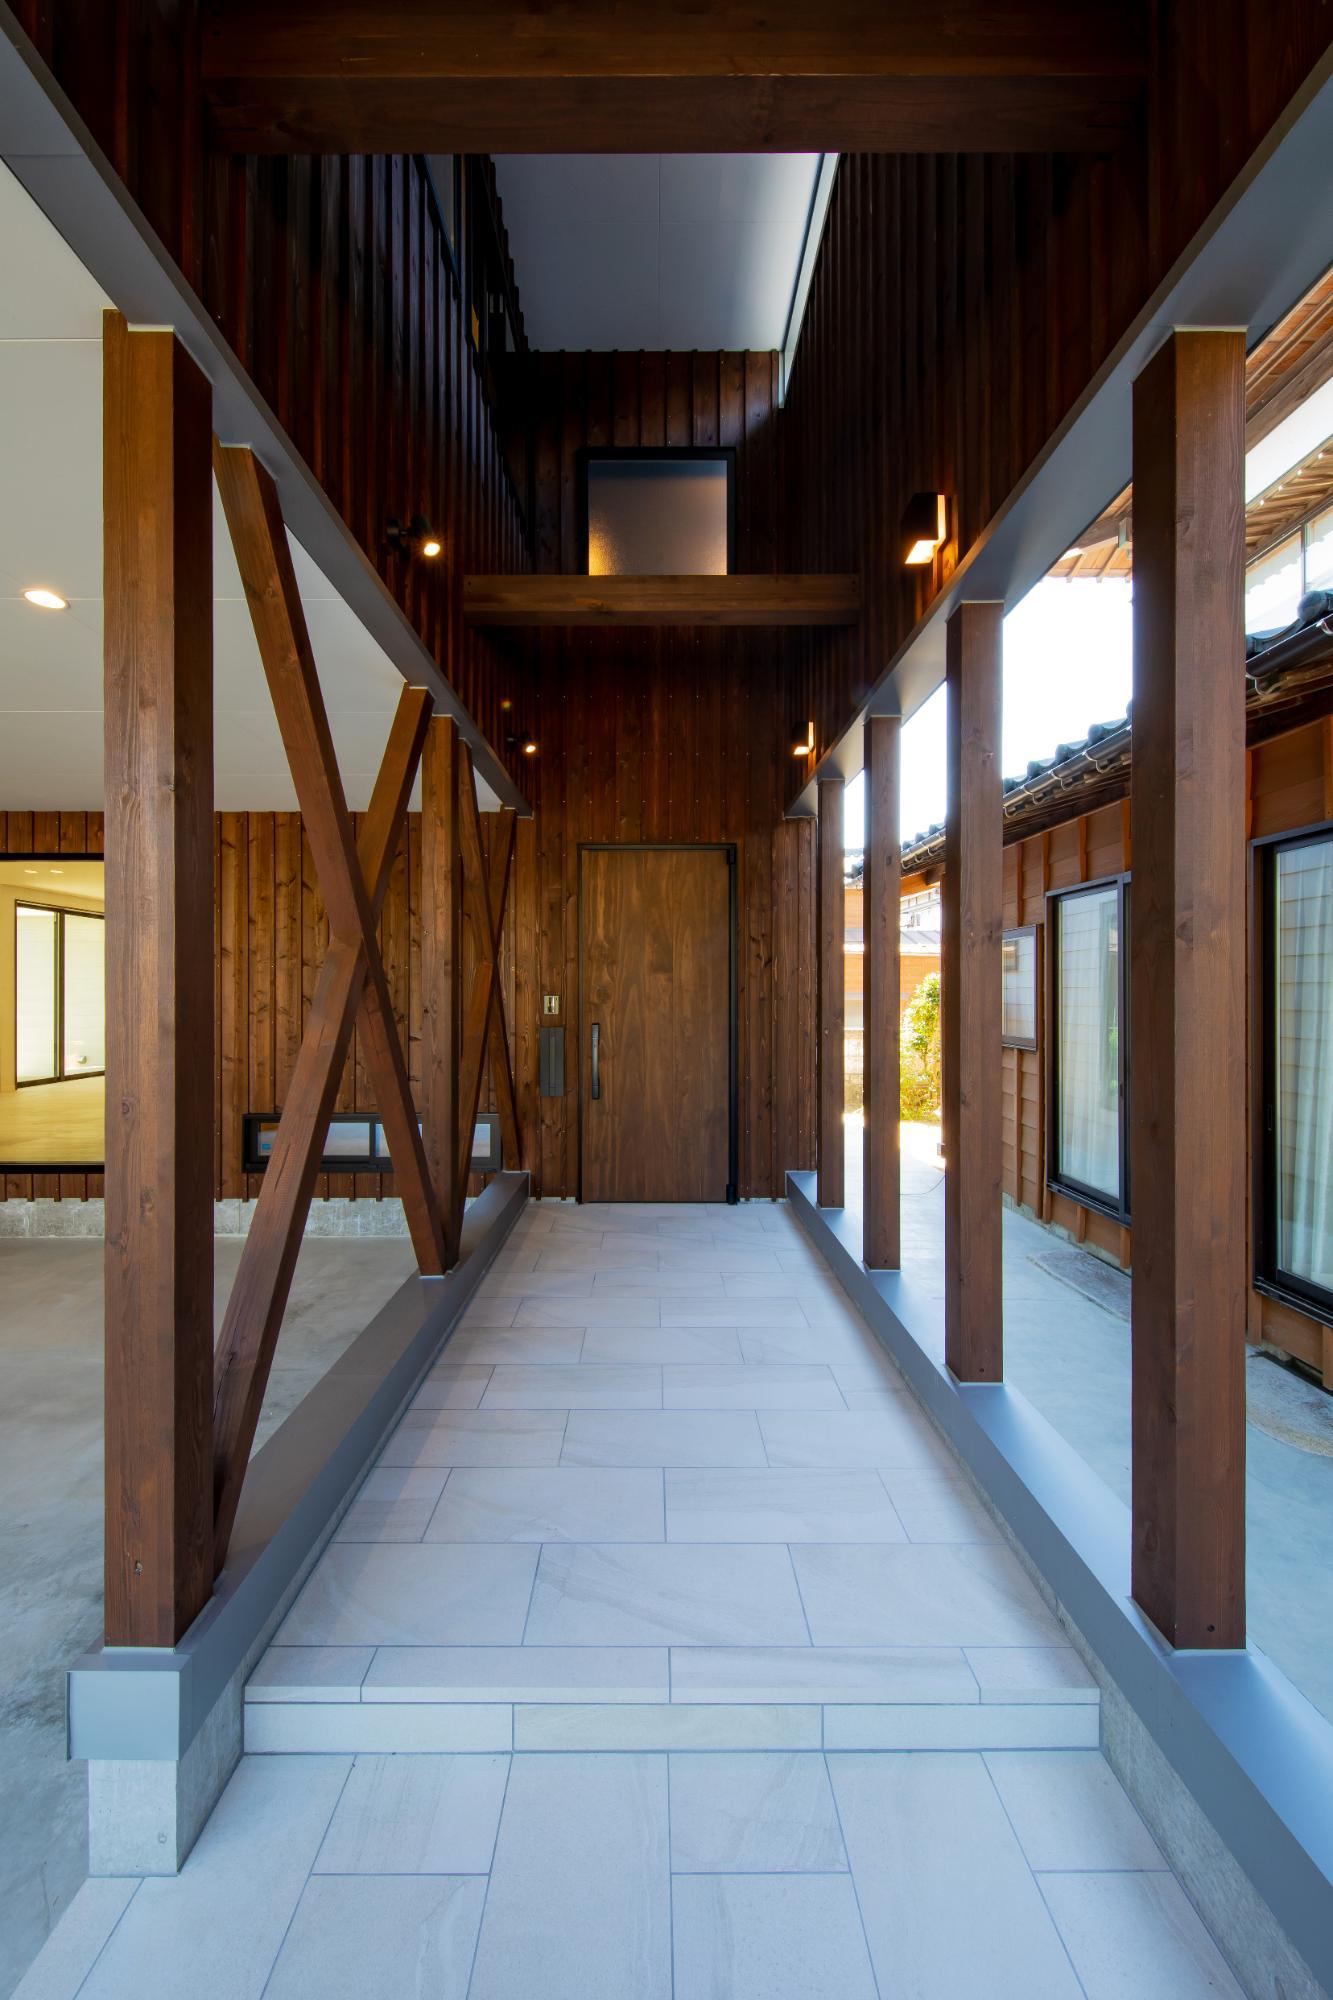 一級建築士事務所 株式会社山内組 archi labo「住み継げる住まいの提案 archi laboコンセプトハウス」のポーチの実例写真